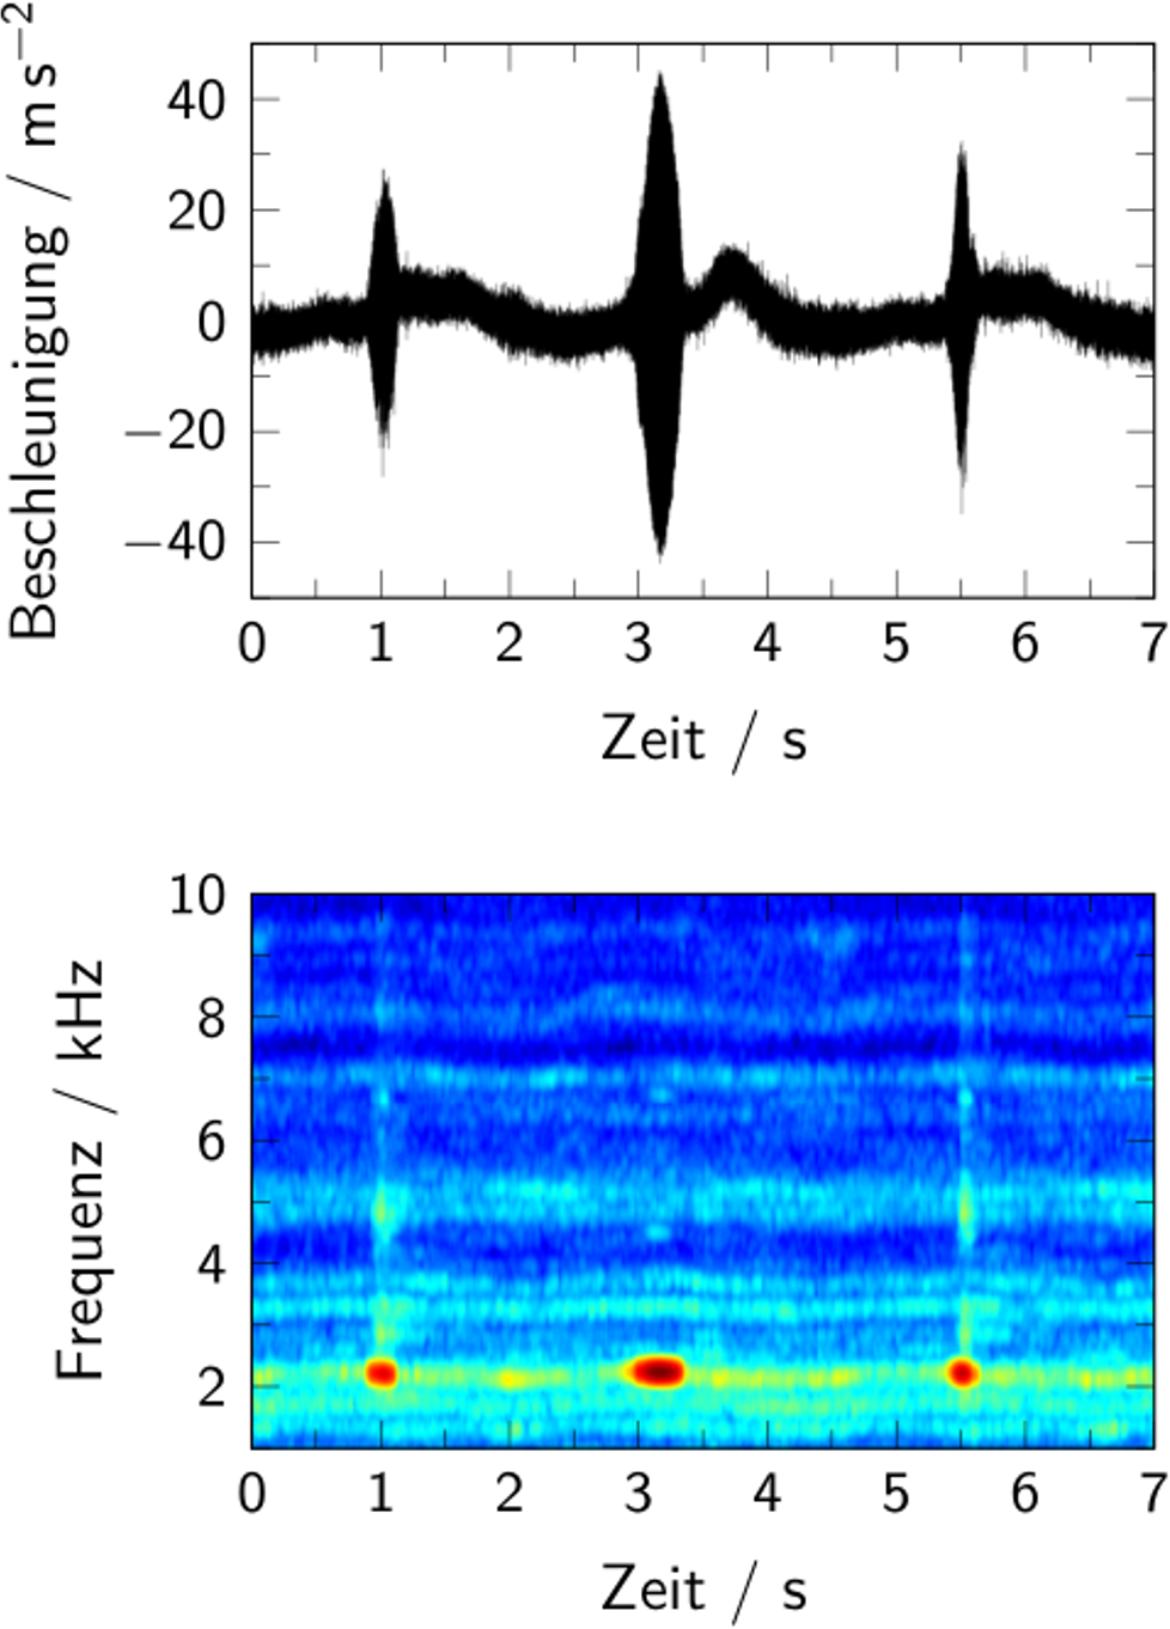 Detektiertes Bremsgeräusch bei Trommelbremse  (Quietschfrequenz 2.3 kHz)